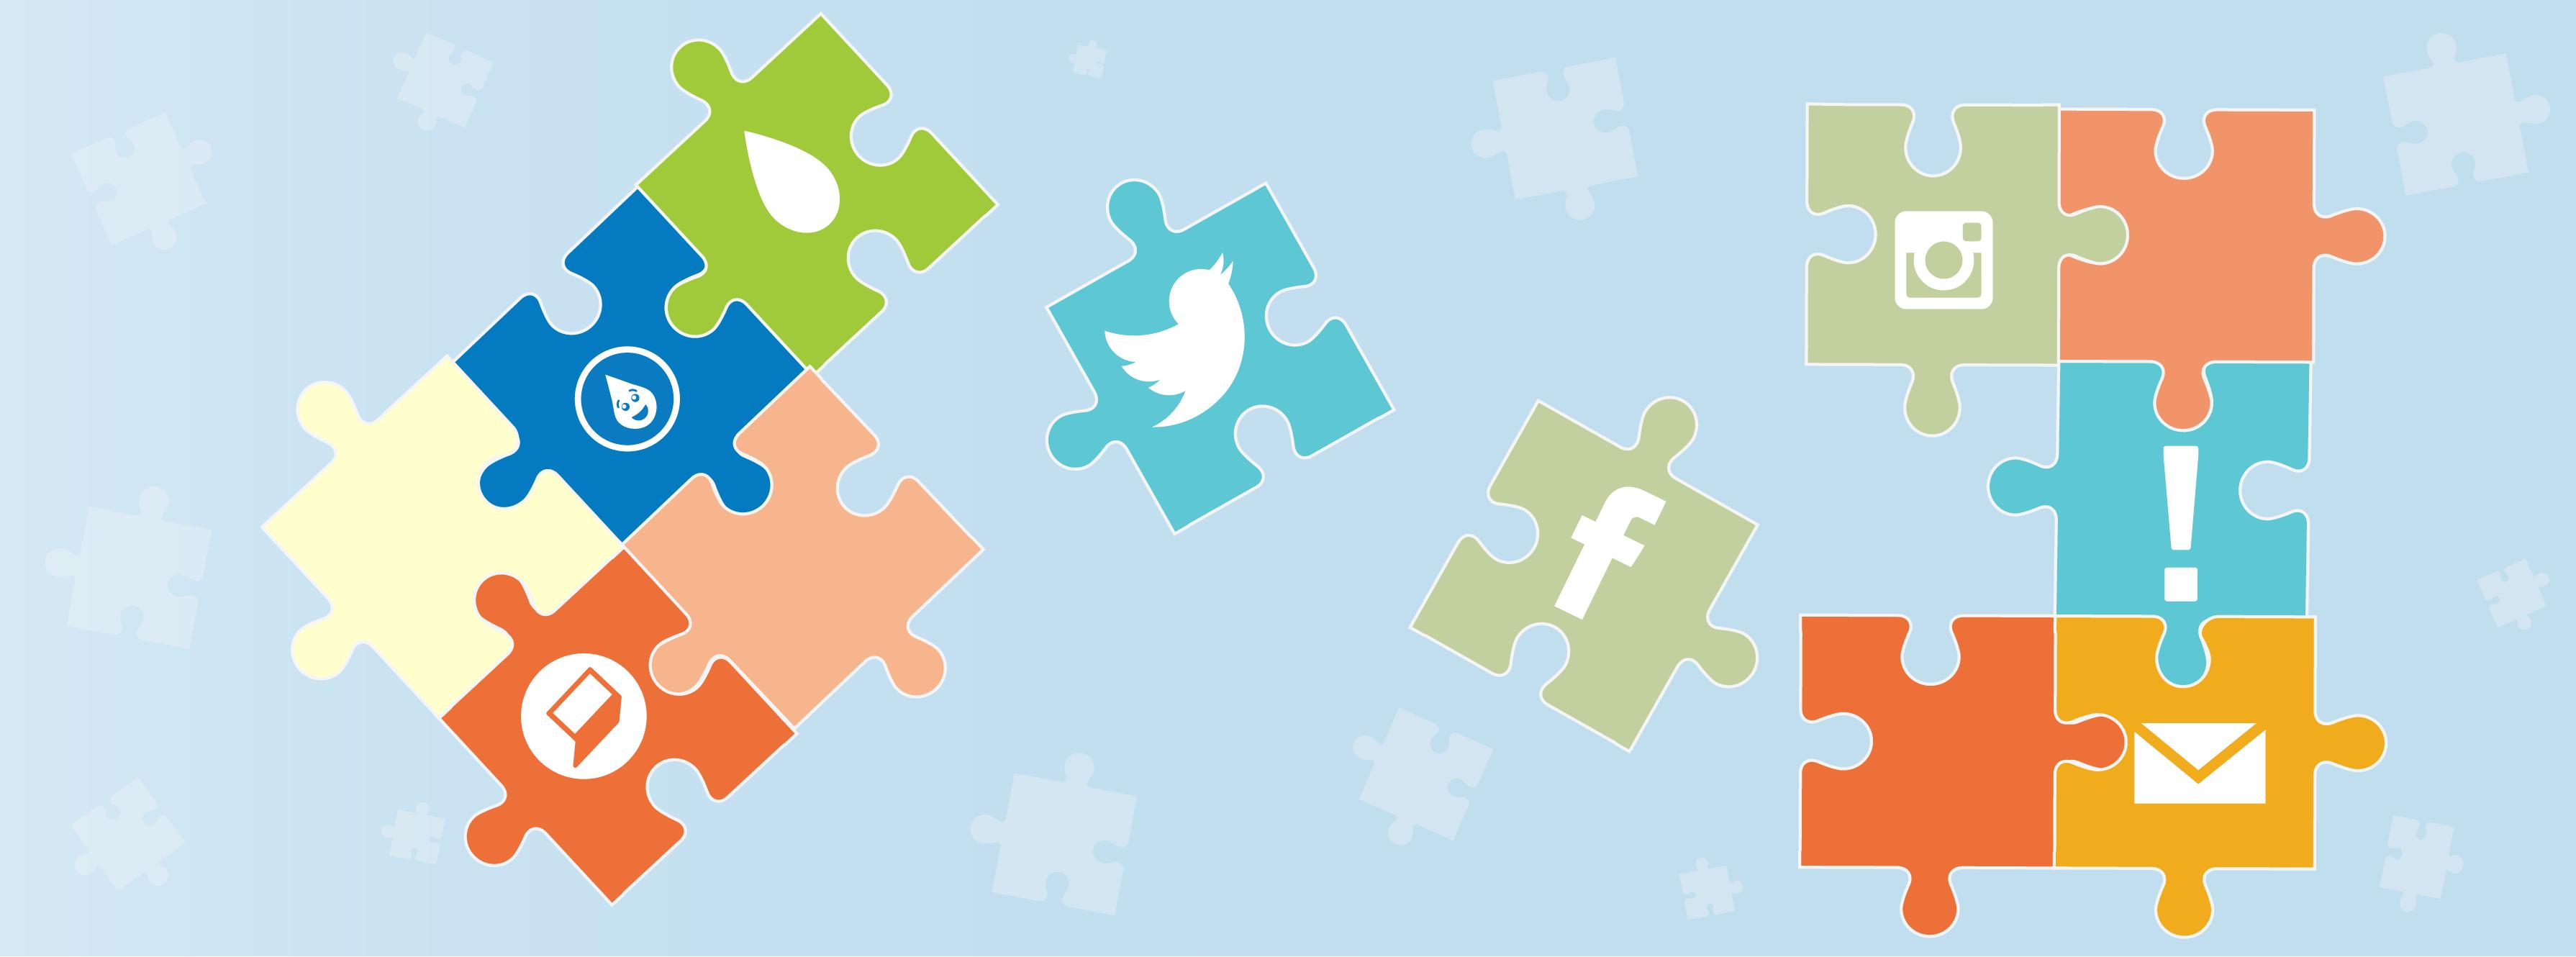 social_media_blog-01